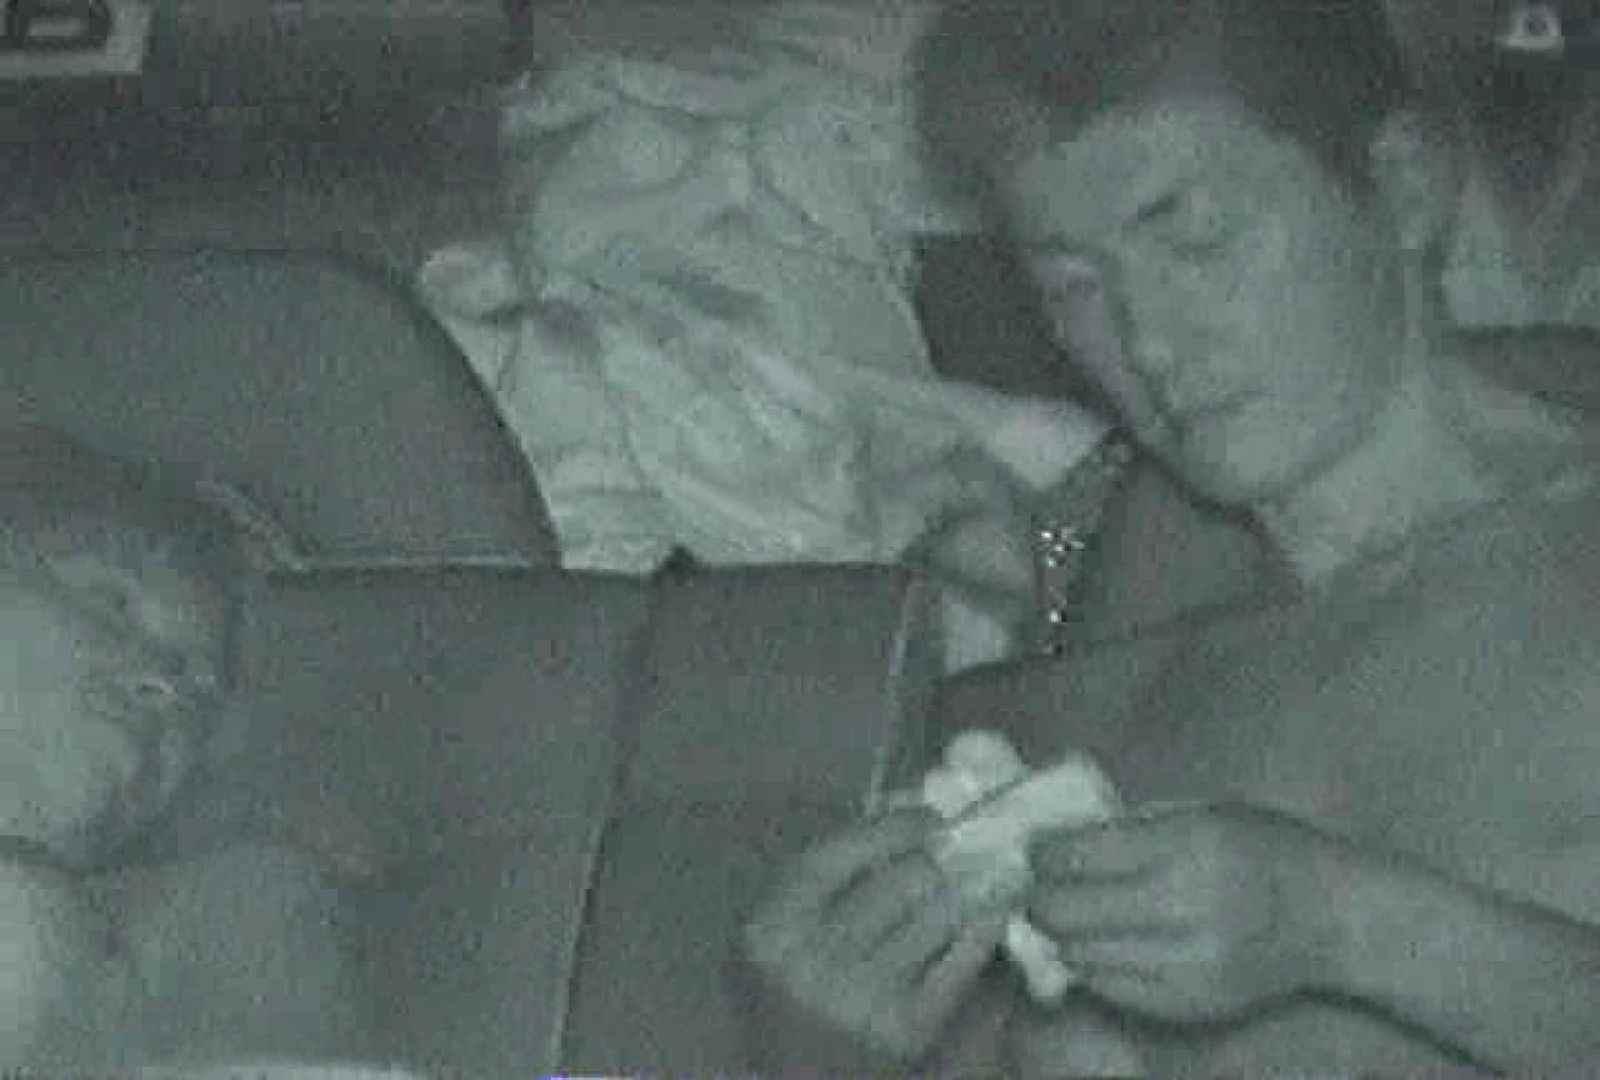 充血監督の深夜の運動会Vol.61 エロティックなOL オマンコ動画キャプチャ 102画像 46